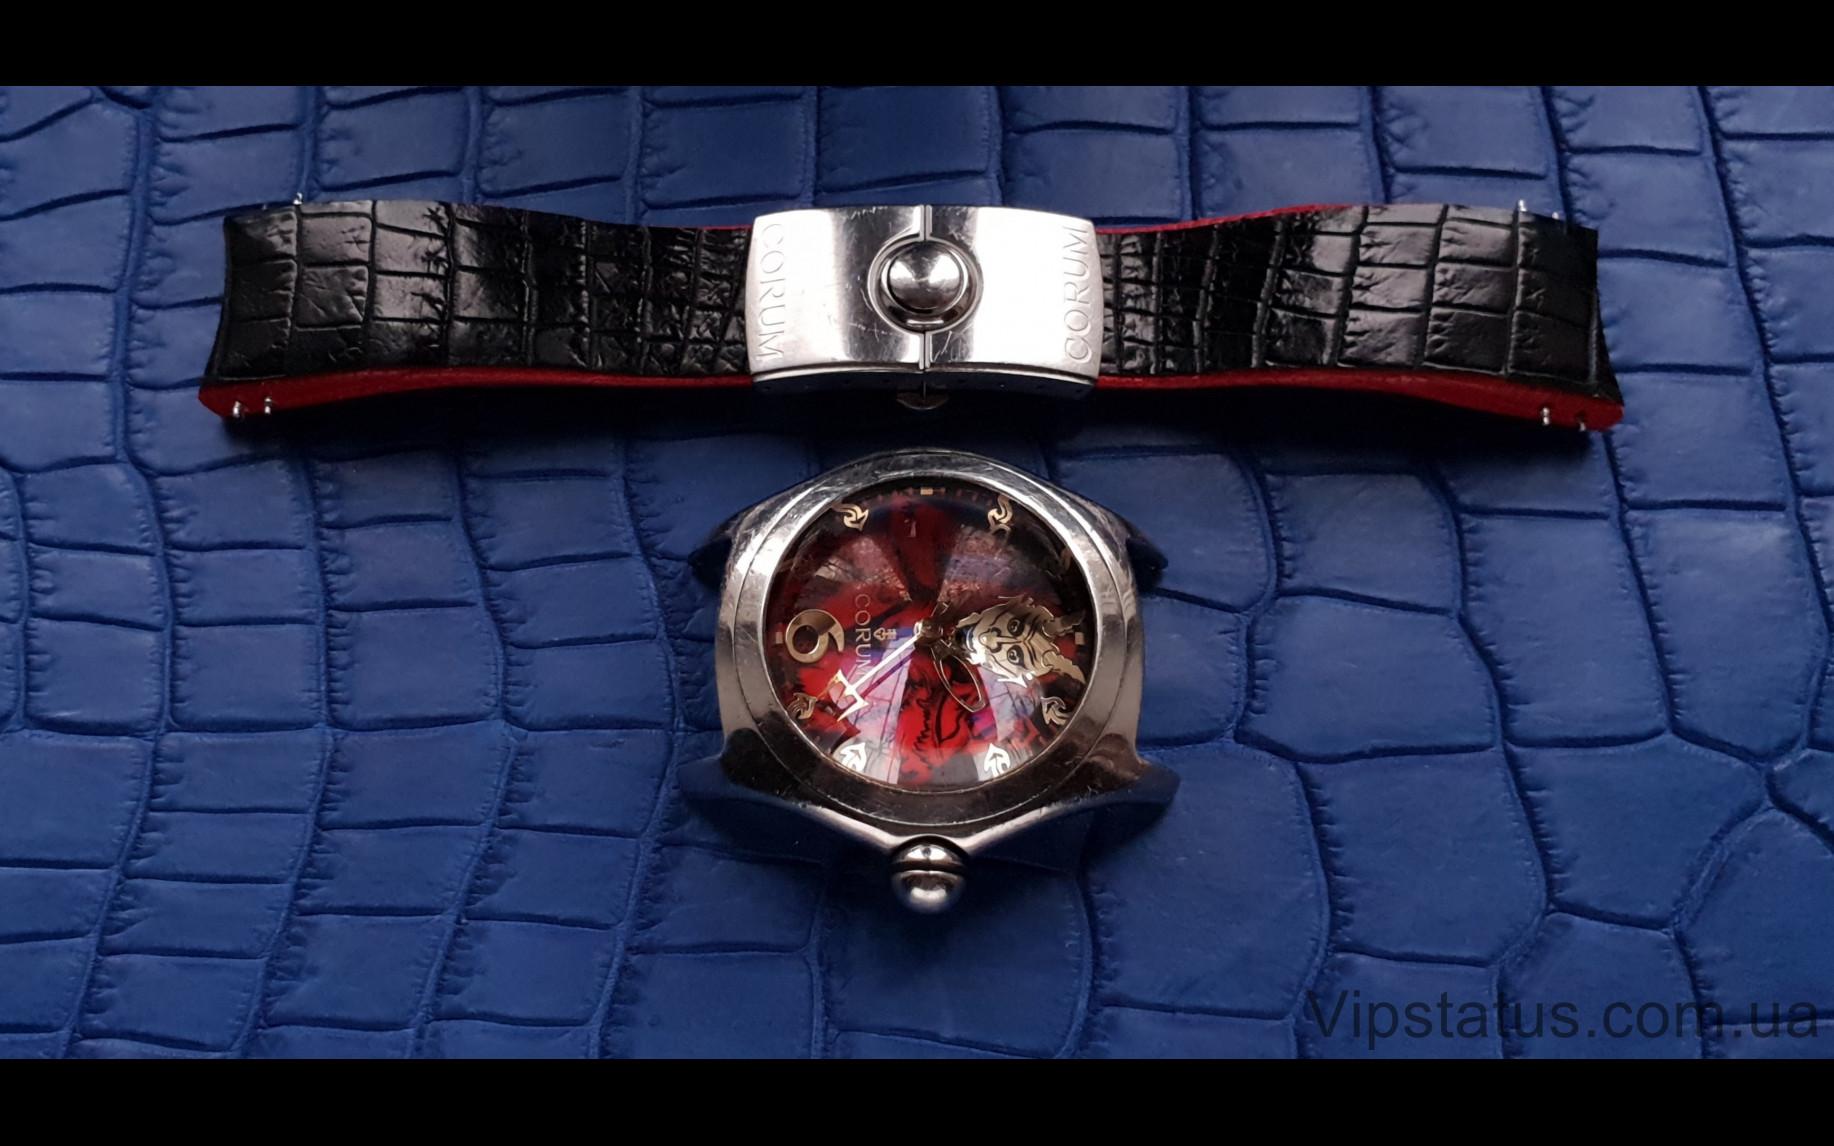 Elite Элитный ремешок для часов Corum Bubble Lucifer кожа крокодила Elite Crocodile Strap for Corum Bubble Lucifer watches image 2